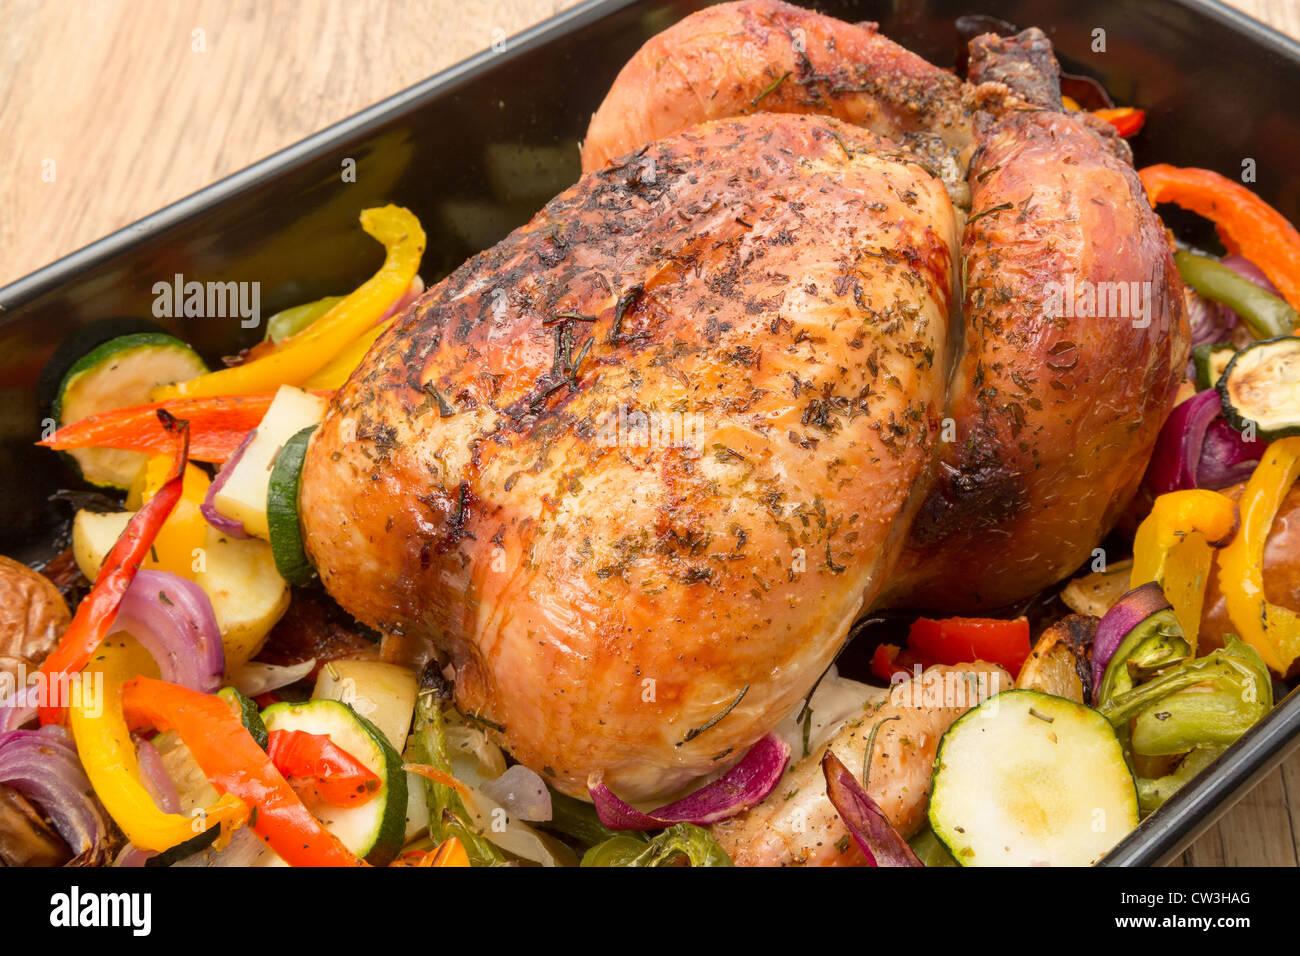 Un pronto a mangiare fresco di pollo arrosto in una teglia da forno con verdure arrosto - studio shot Immagini Stock